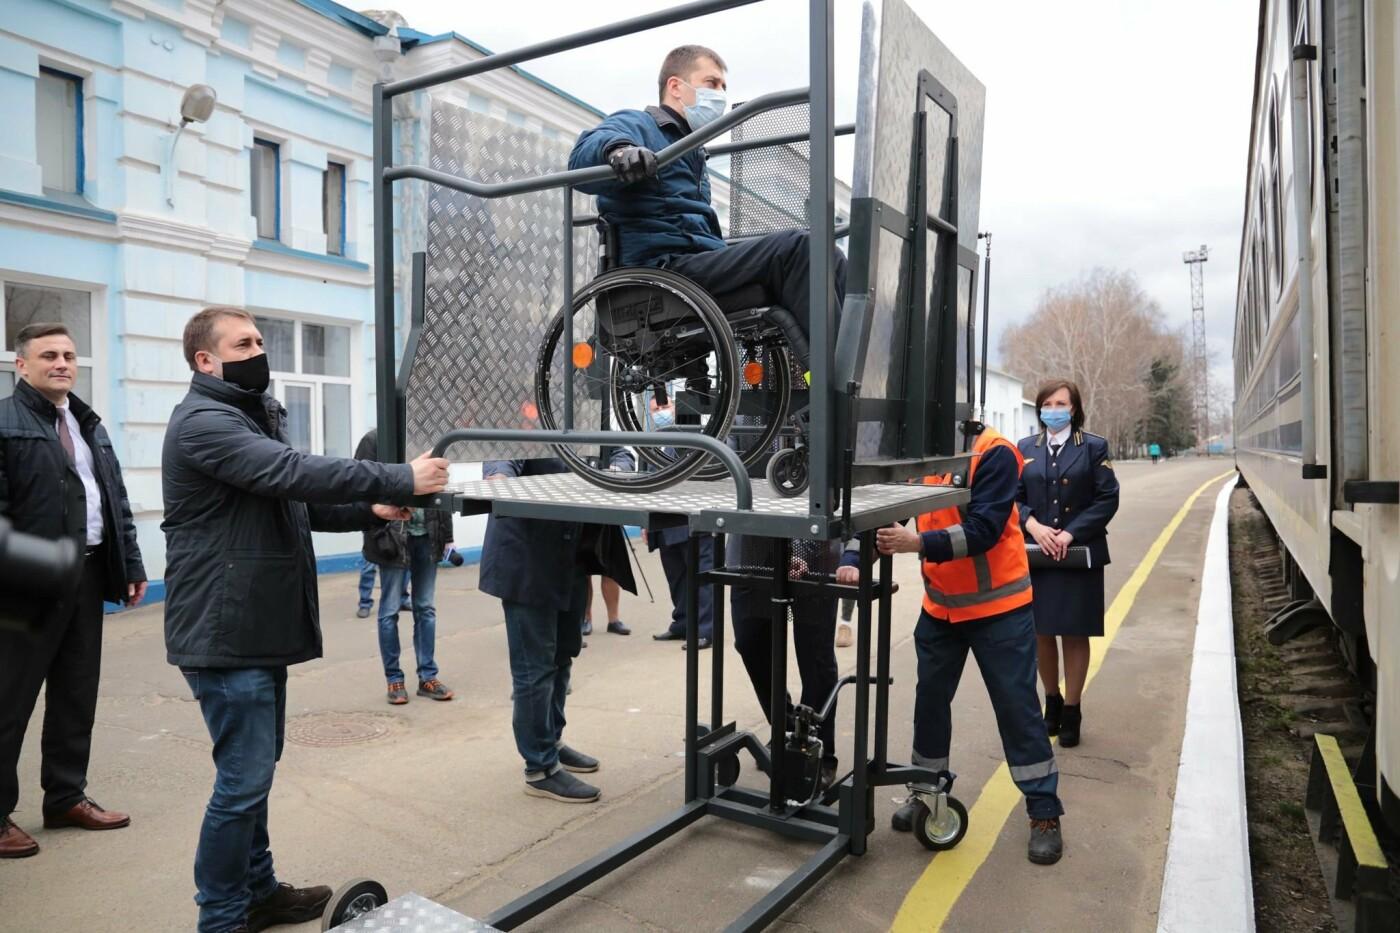 Для ЖД станций Луганщины закупили подъемные платформы для людей с инвалидностью, фото-1